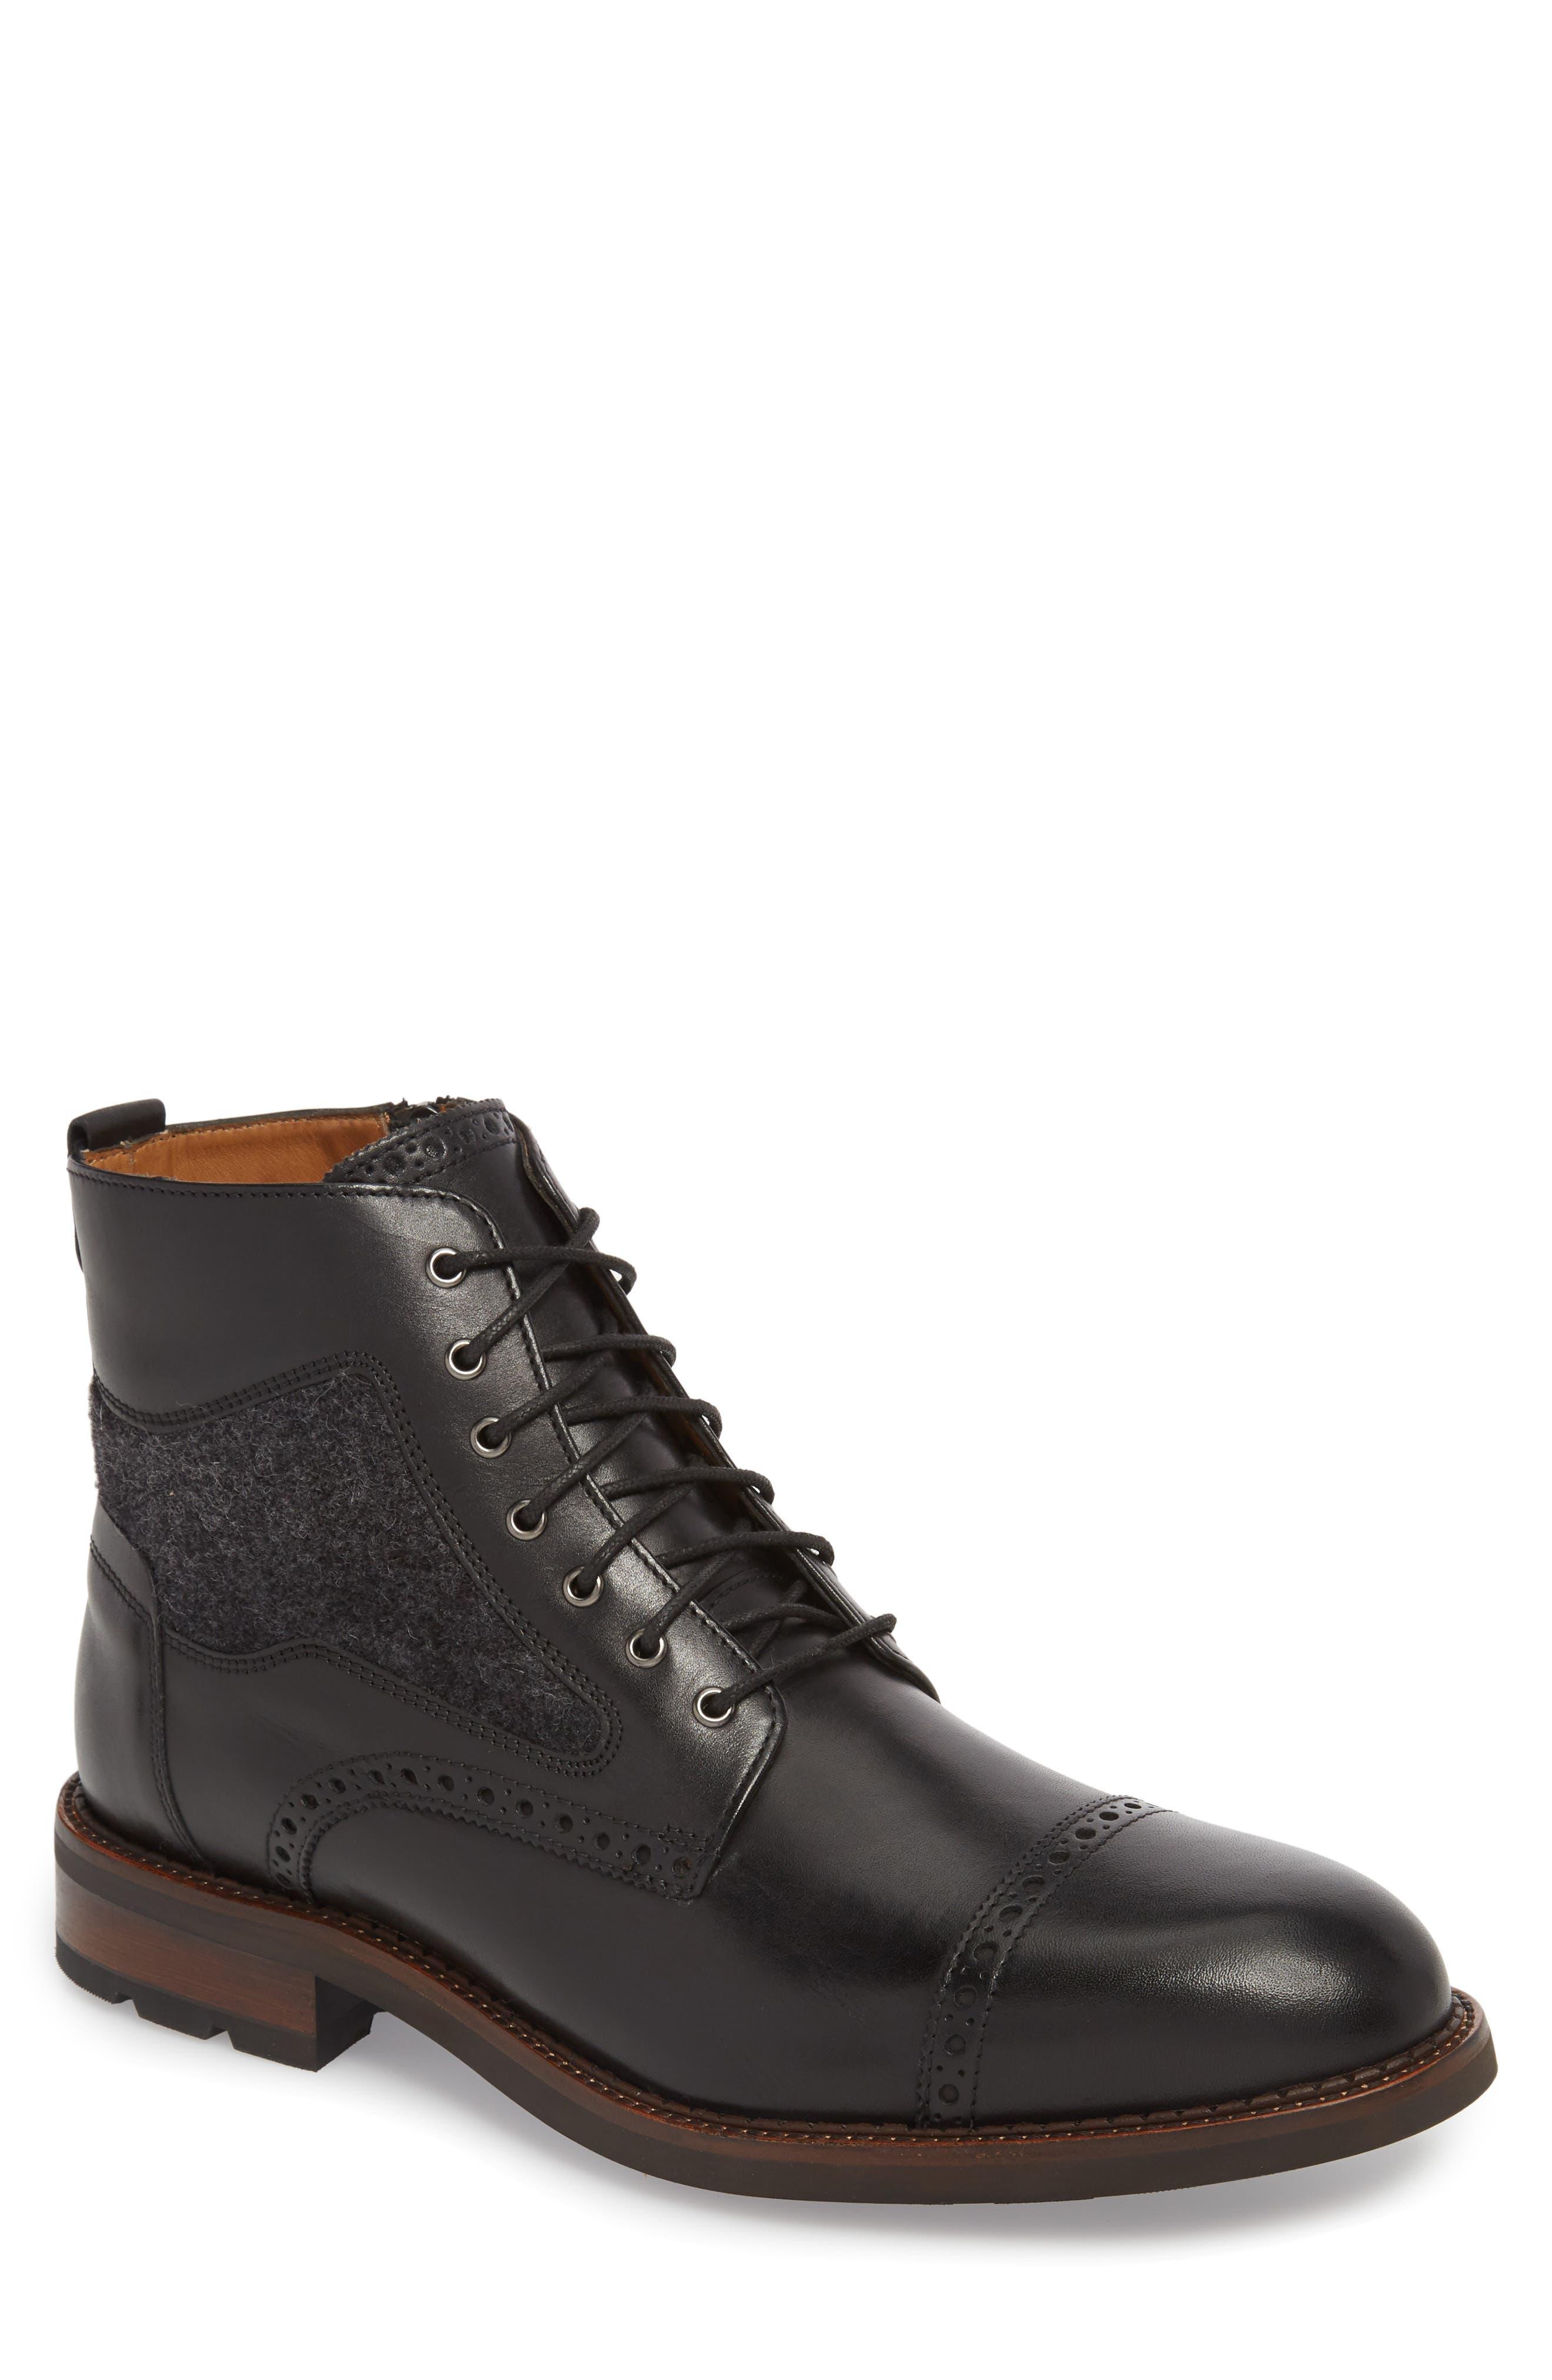 J & m 1850 Fullerton Zip Boot- Black